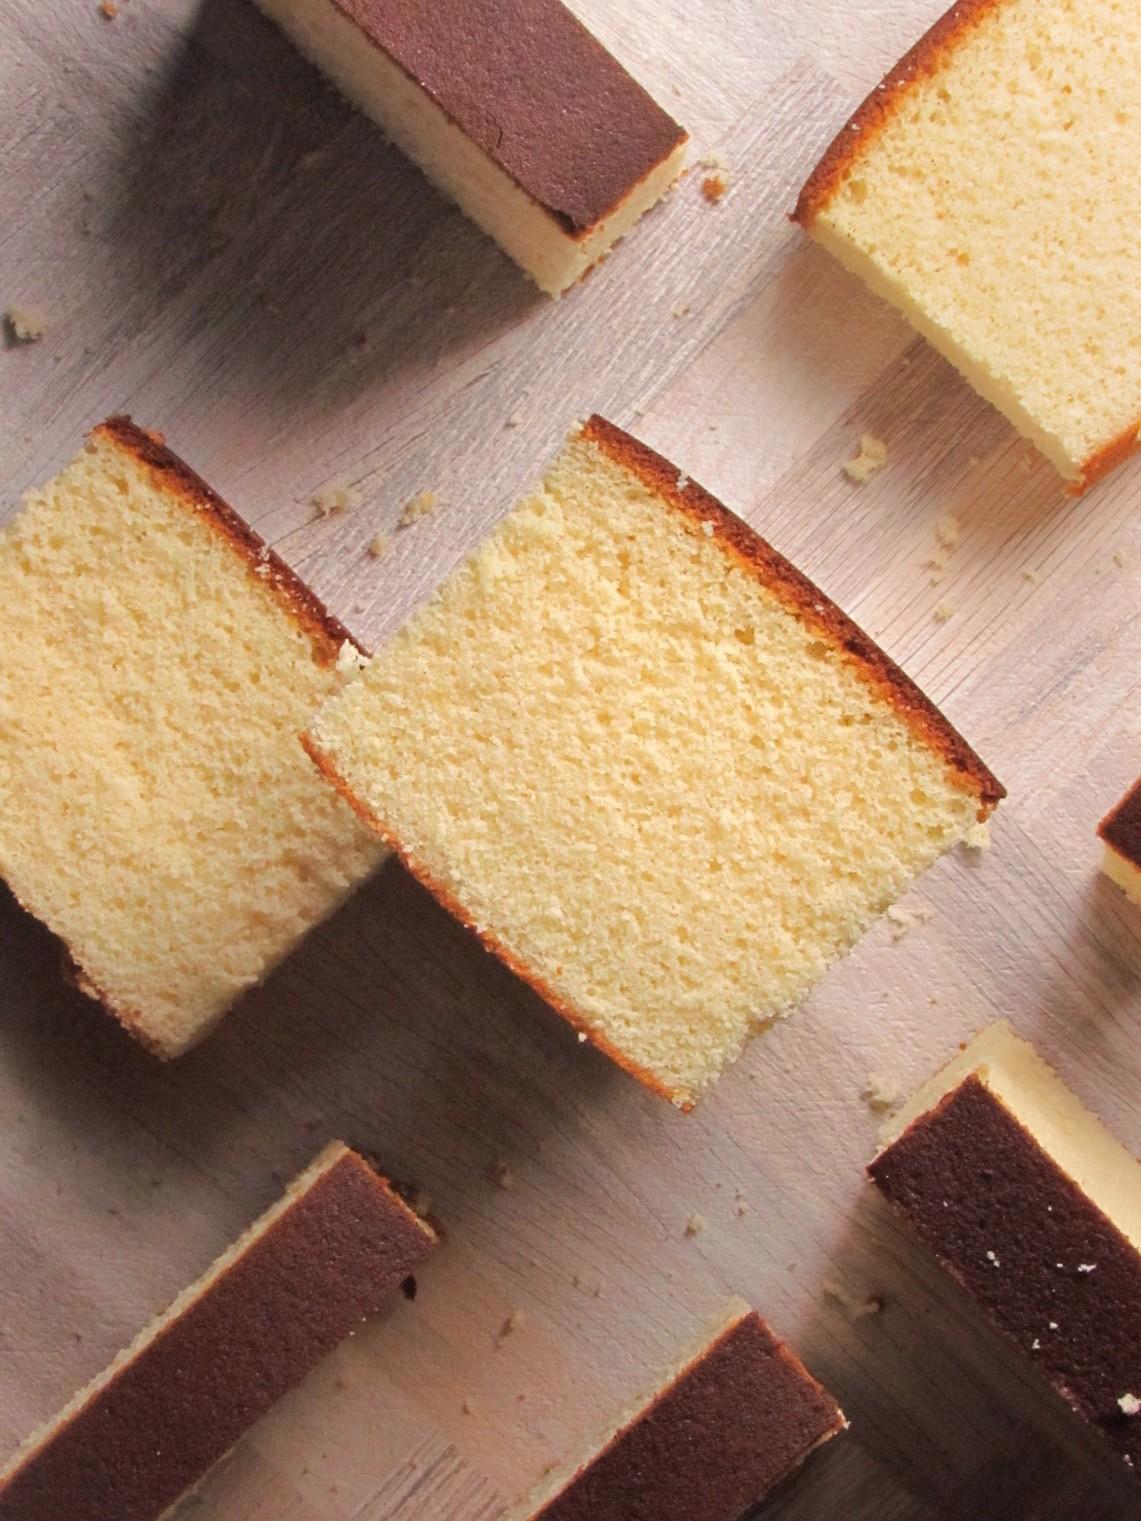 三代亞紀-經典傳承蜂蜜蛋糕/禮盒  #蛋奶素#日本傳統#手工製作#純天然無添加#純龍眼蜜